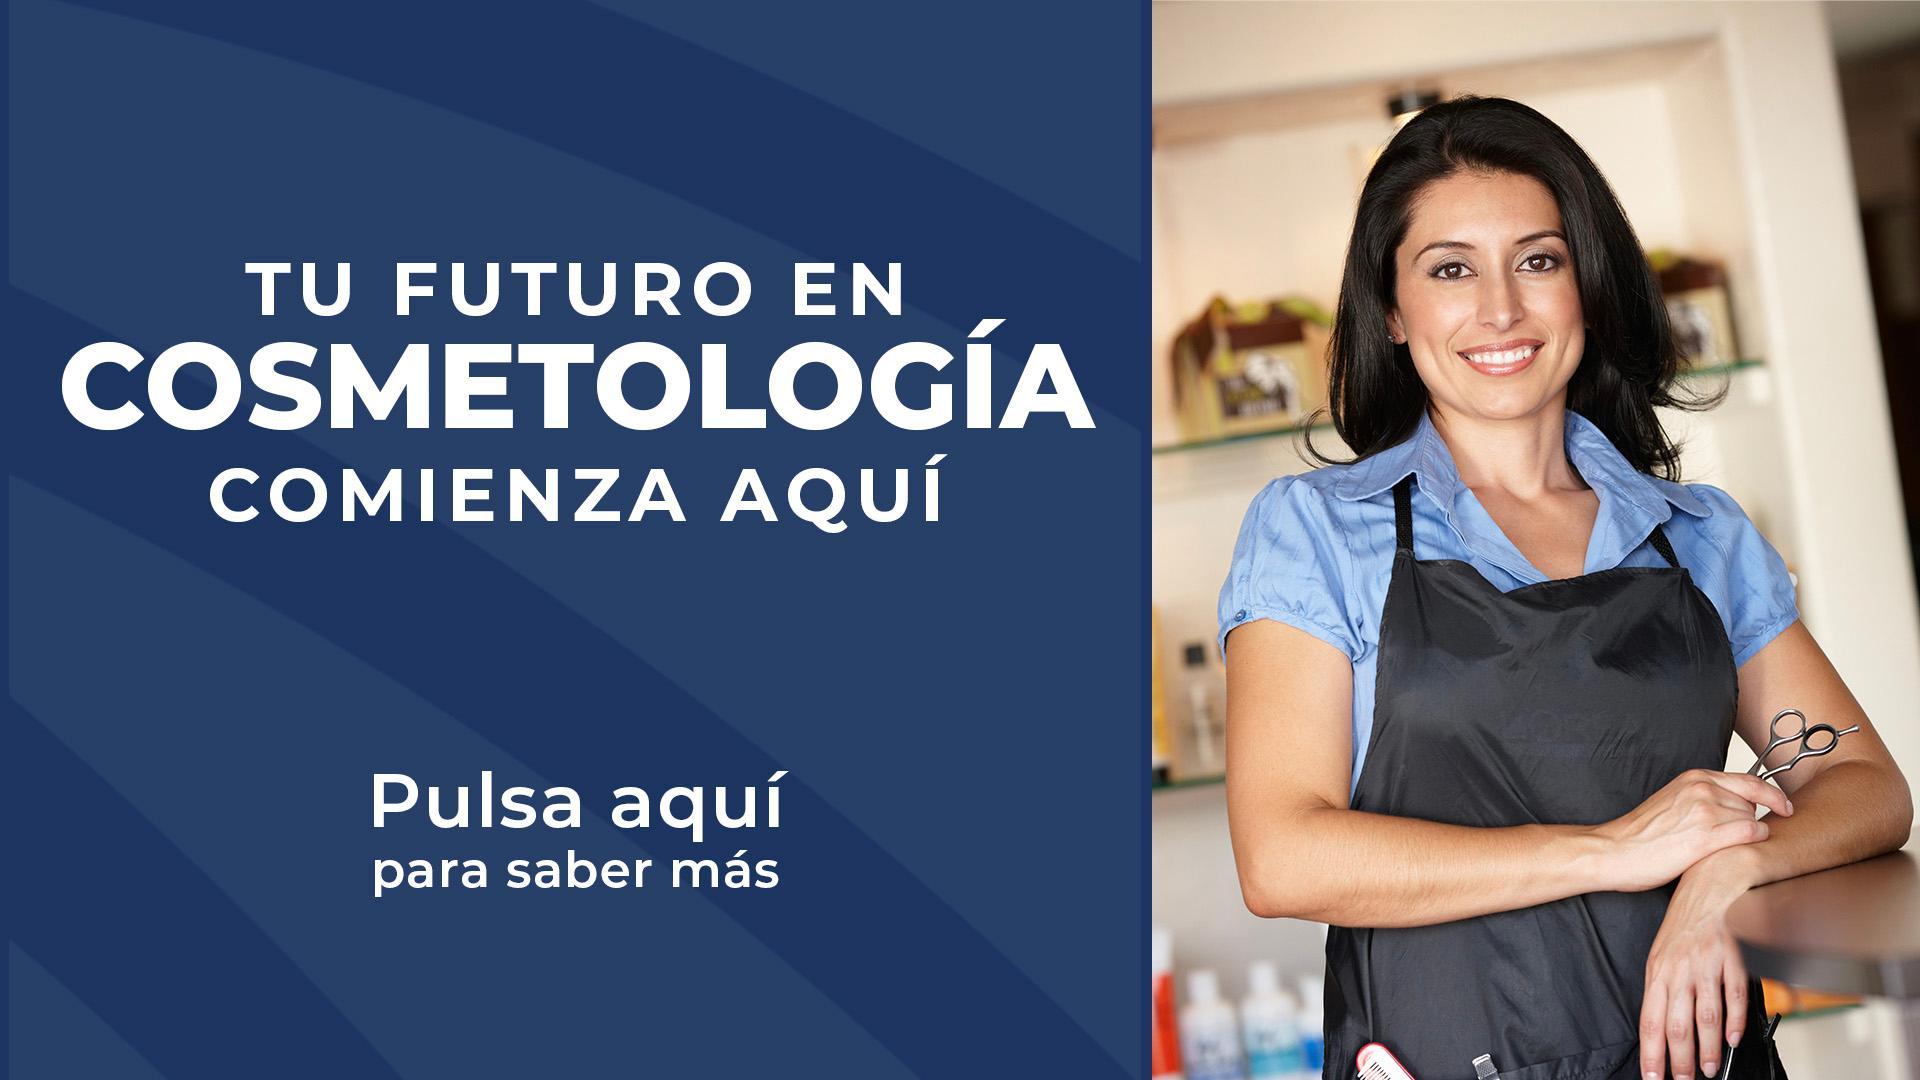 Tu futuro en cosmetología comienza aquí